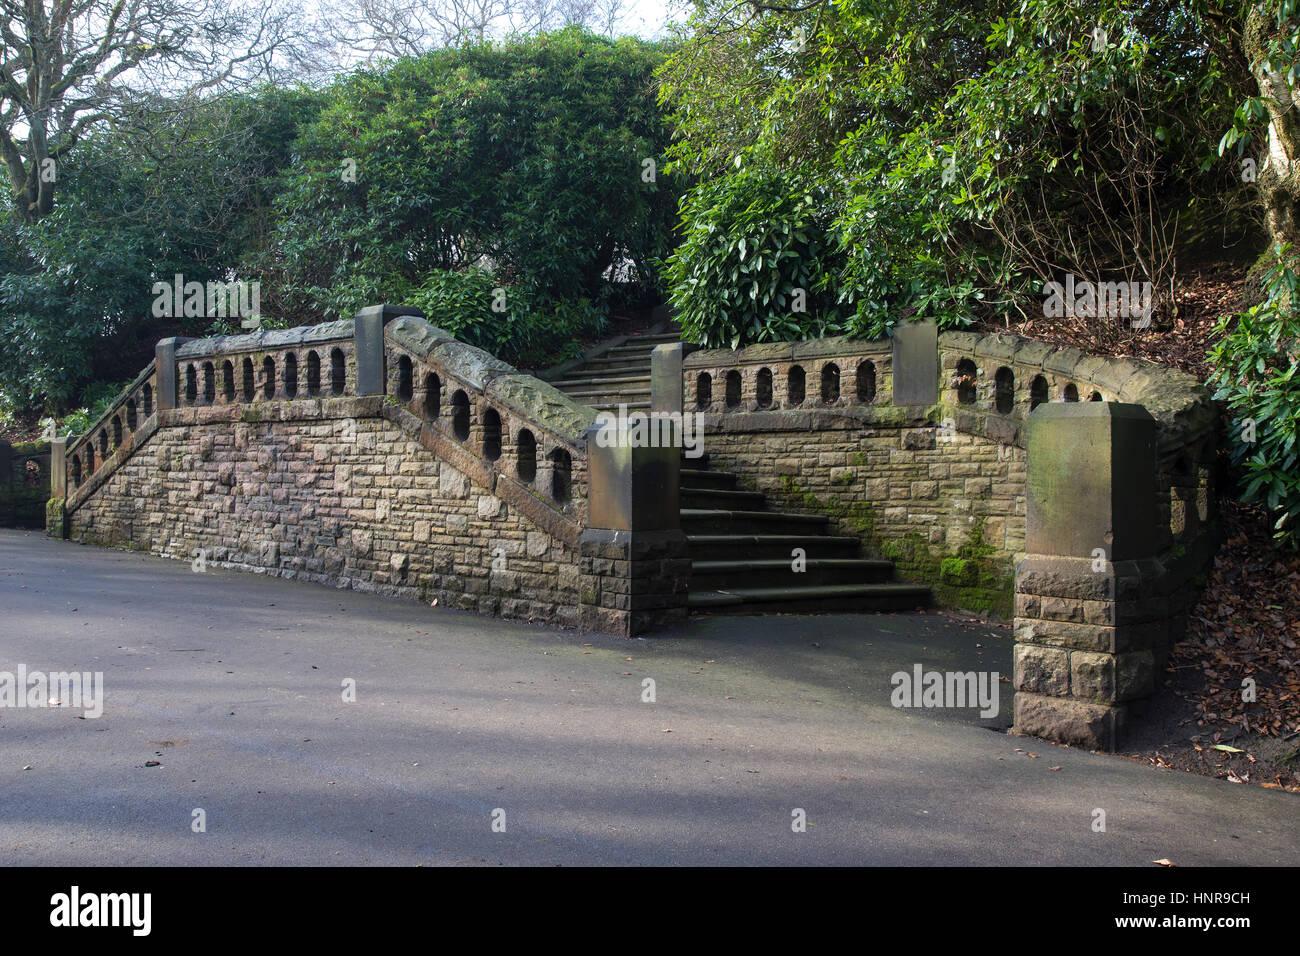 Elaborare di gradini di pietra nel parco Immagini Stock